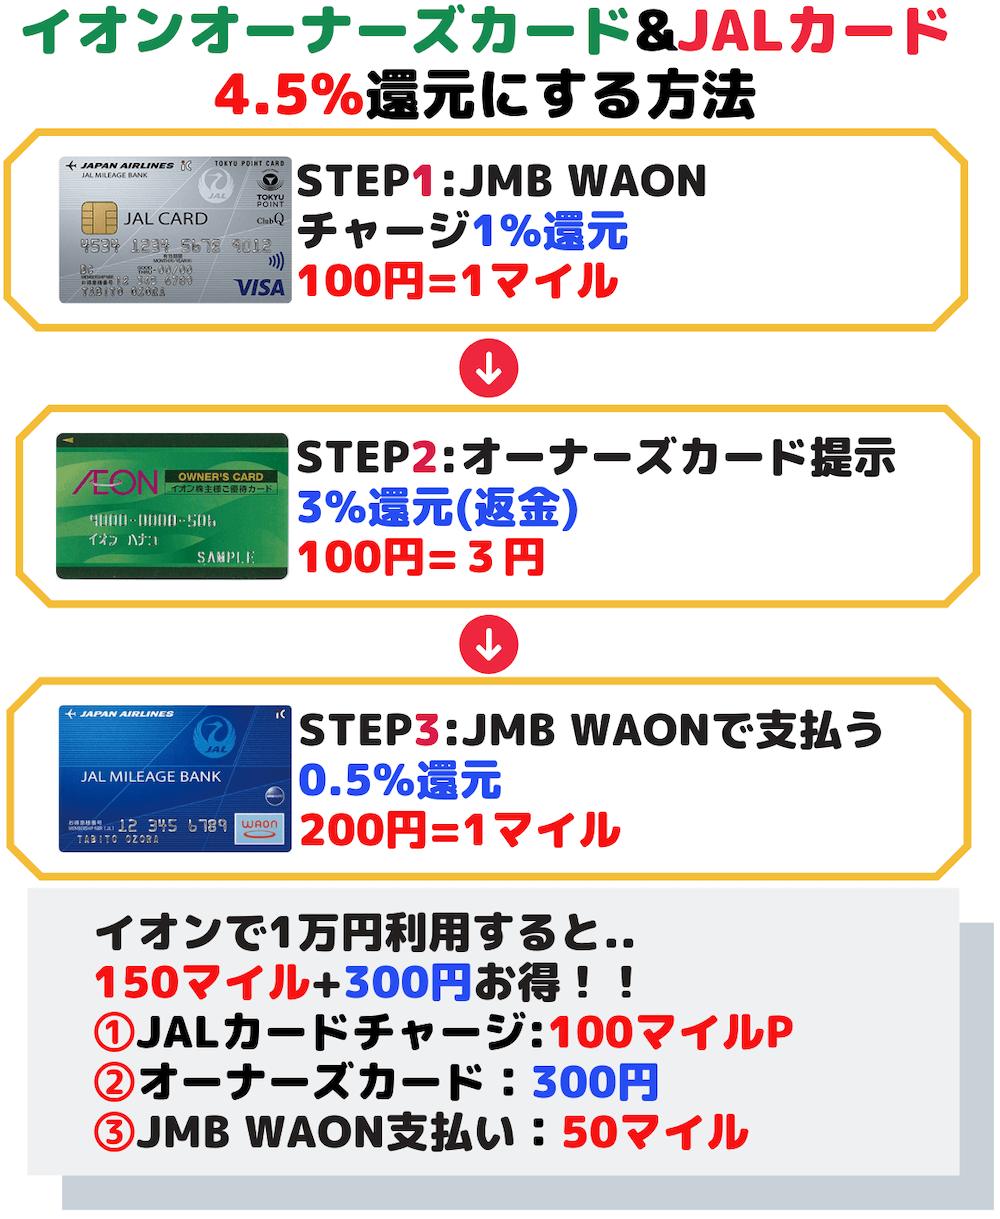 イオンオーナーズカードとJALカード+JMBWAONで支払う方法